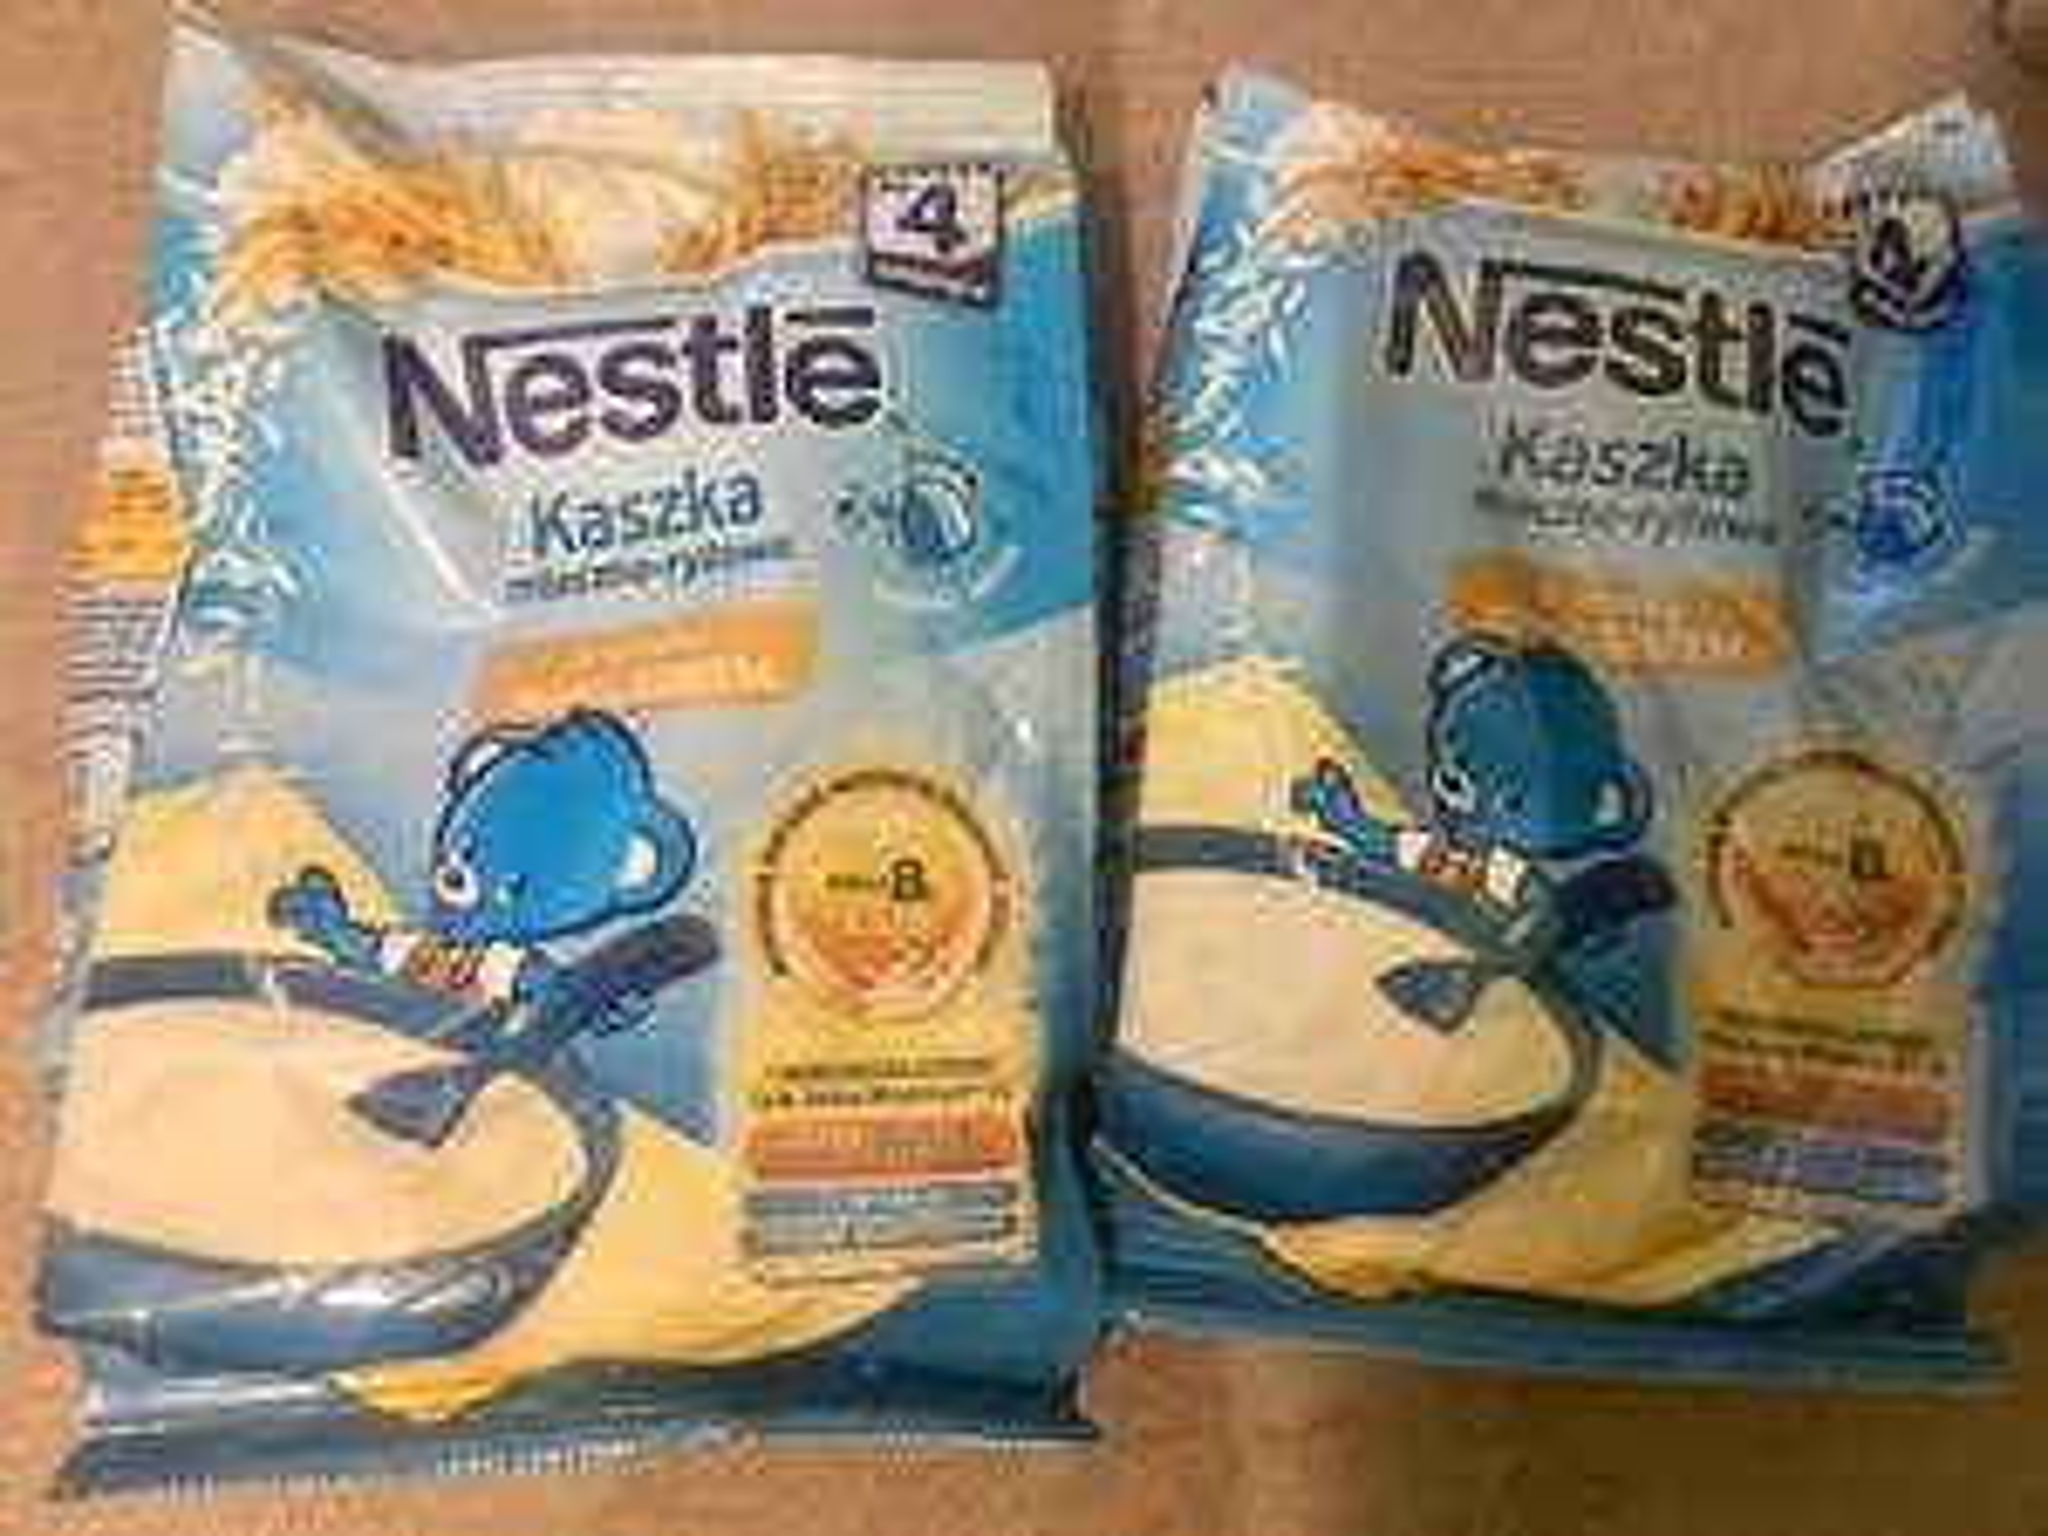 Kaszka mleczno-ryżowa Nestle @ Biedronka (Ruda Śląska) oferta ogólnopolska